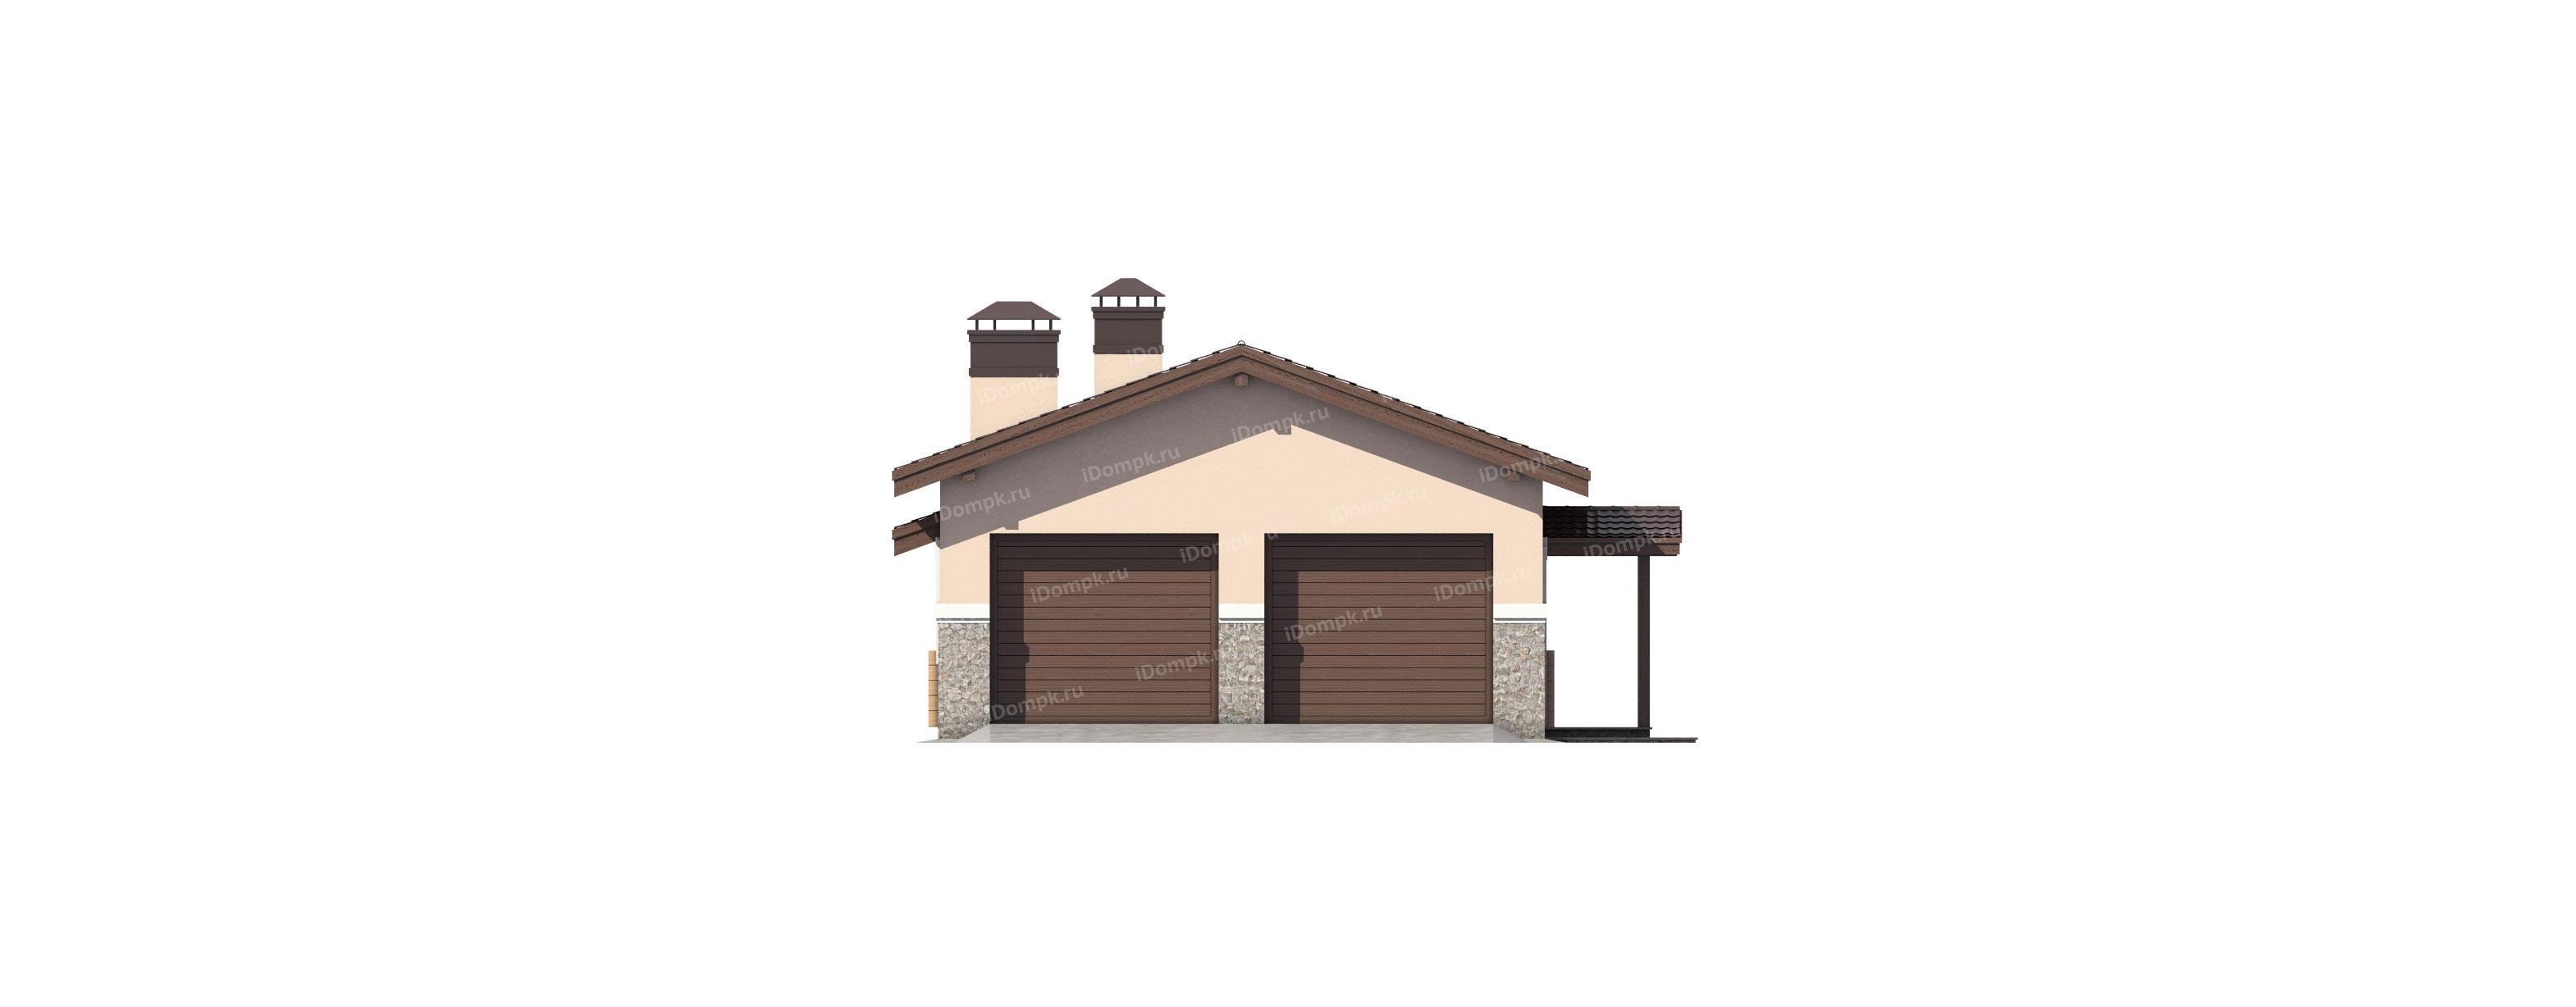 Бани с хозблоком: проекты бань с сараем и гаражом под одной крышей. как построить угловую баню совмещенную с беседкой или террасой?